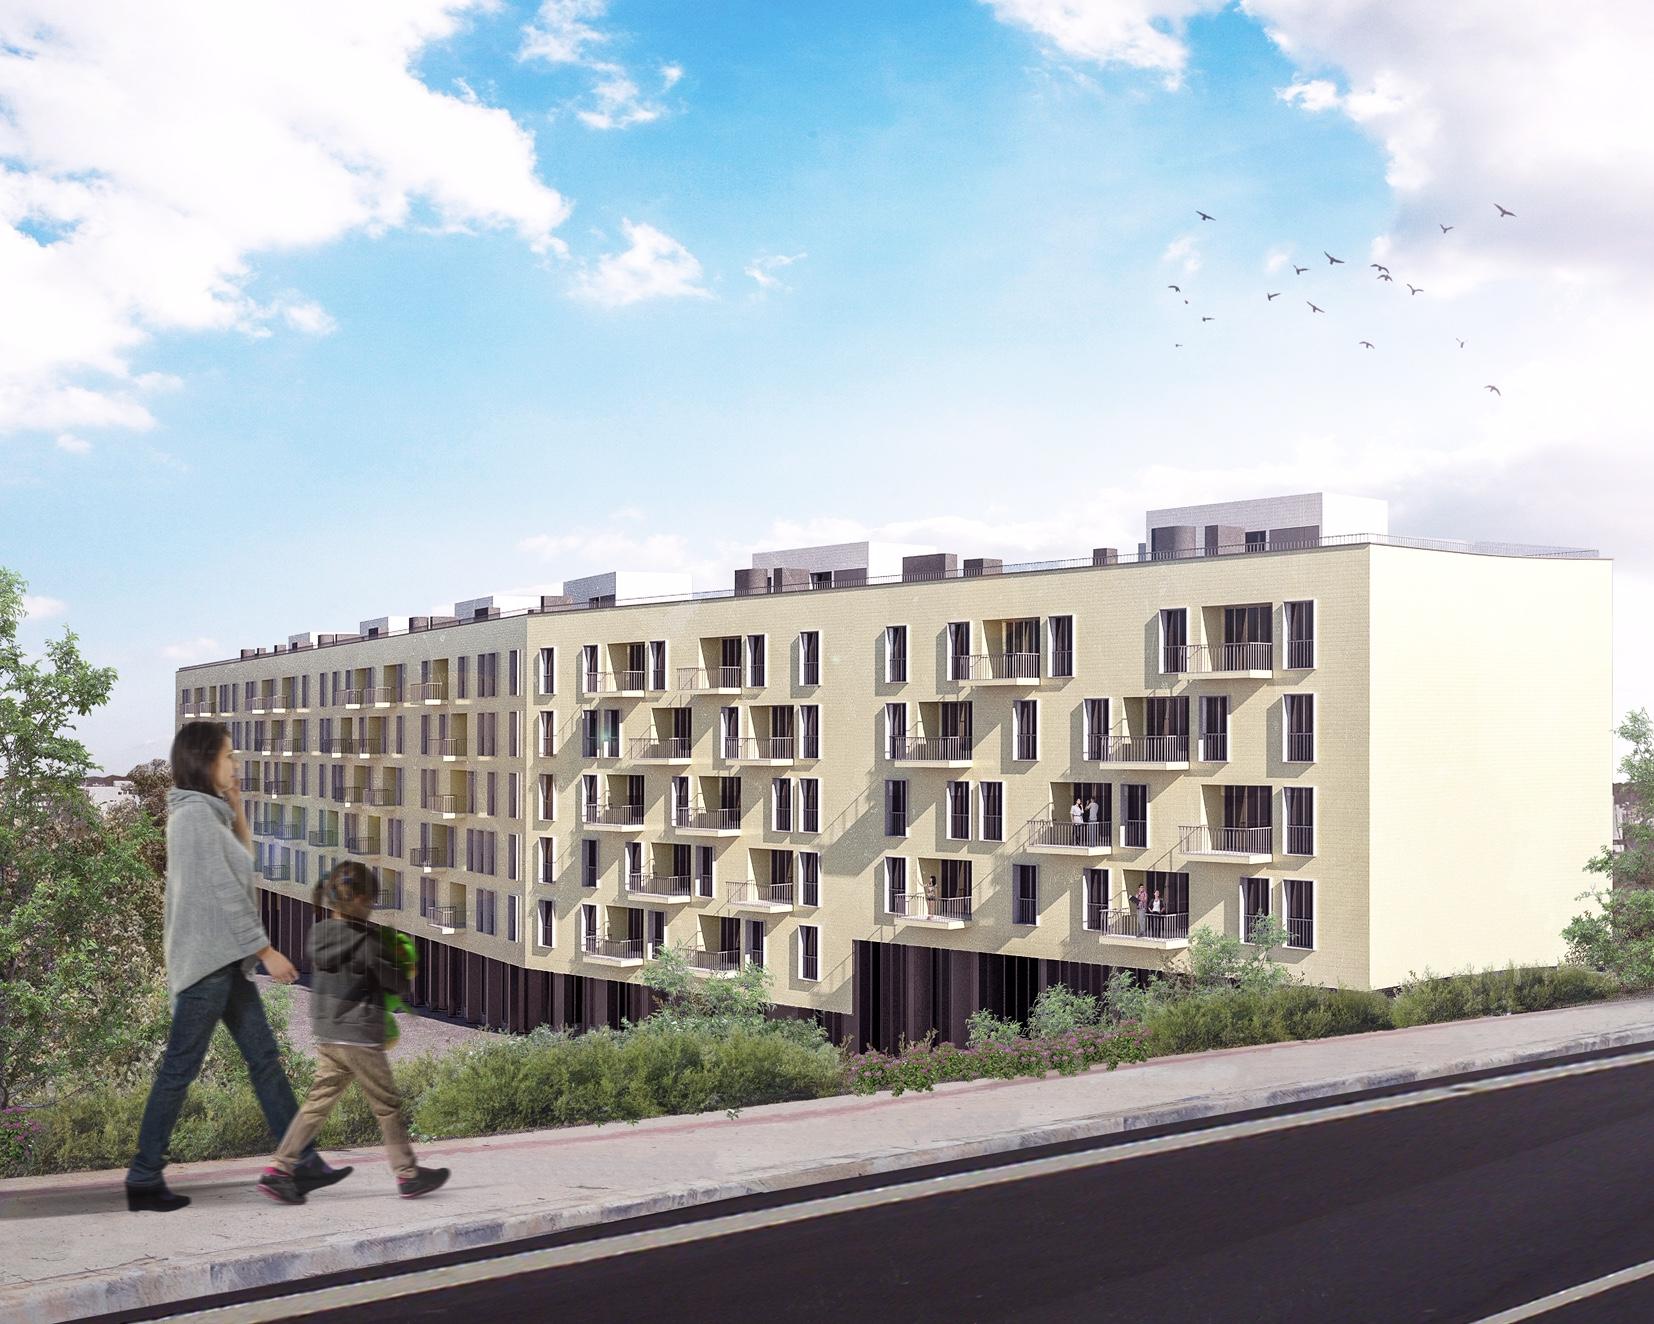 Projeto Salgueiral Residences visto do exterior / dstgroup